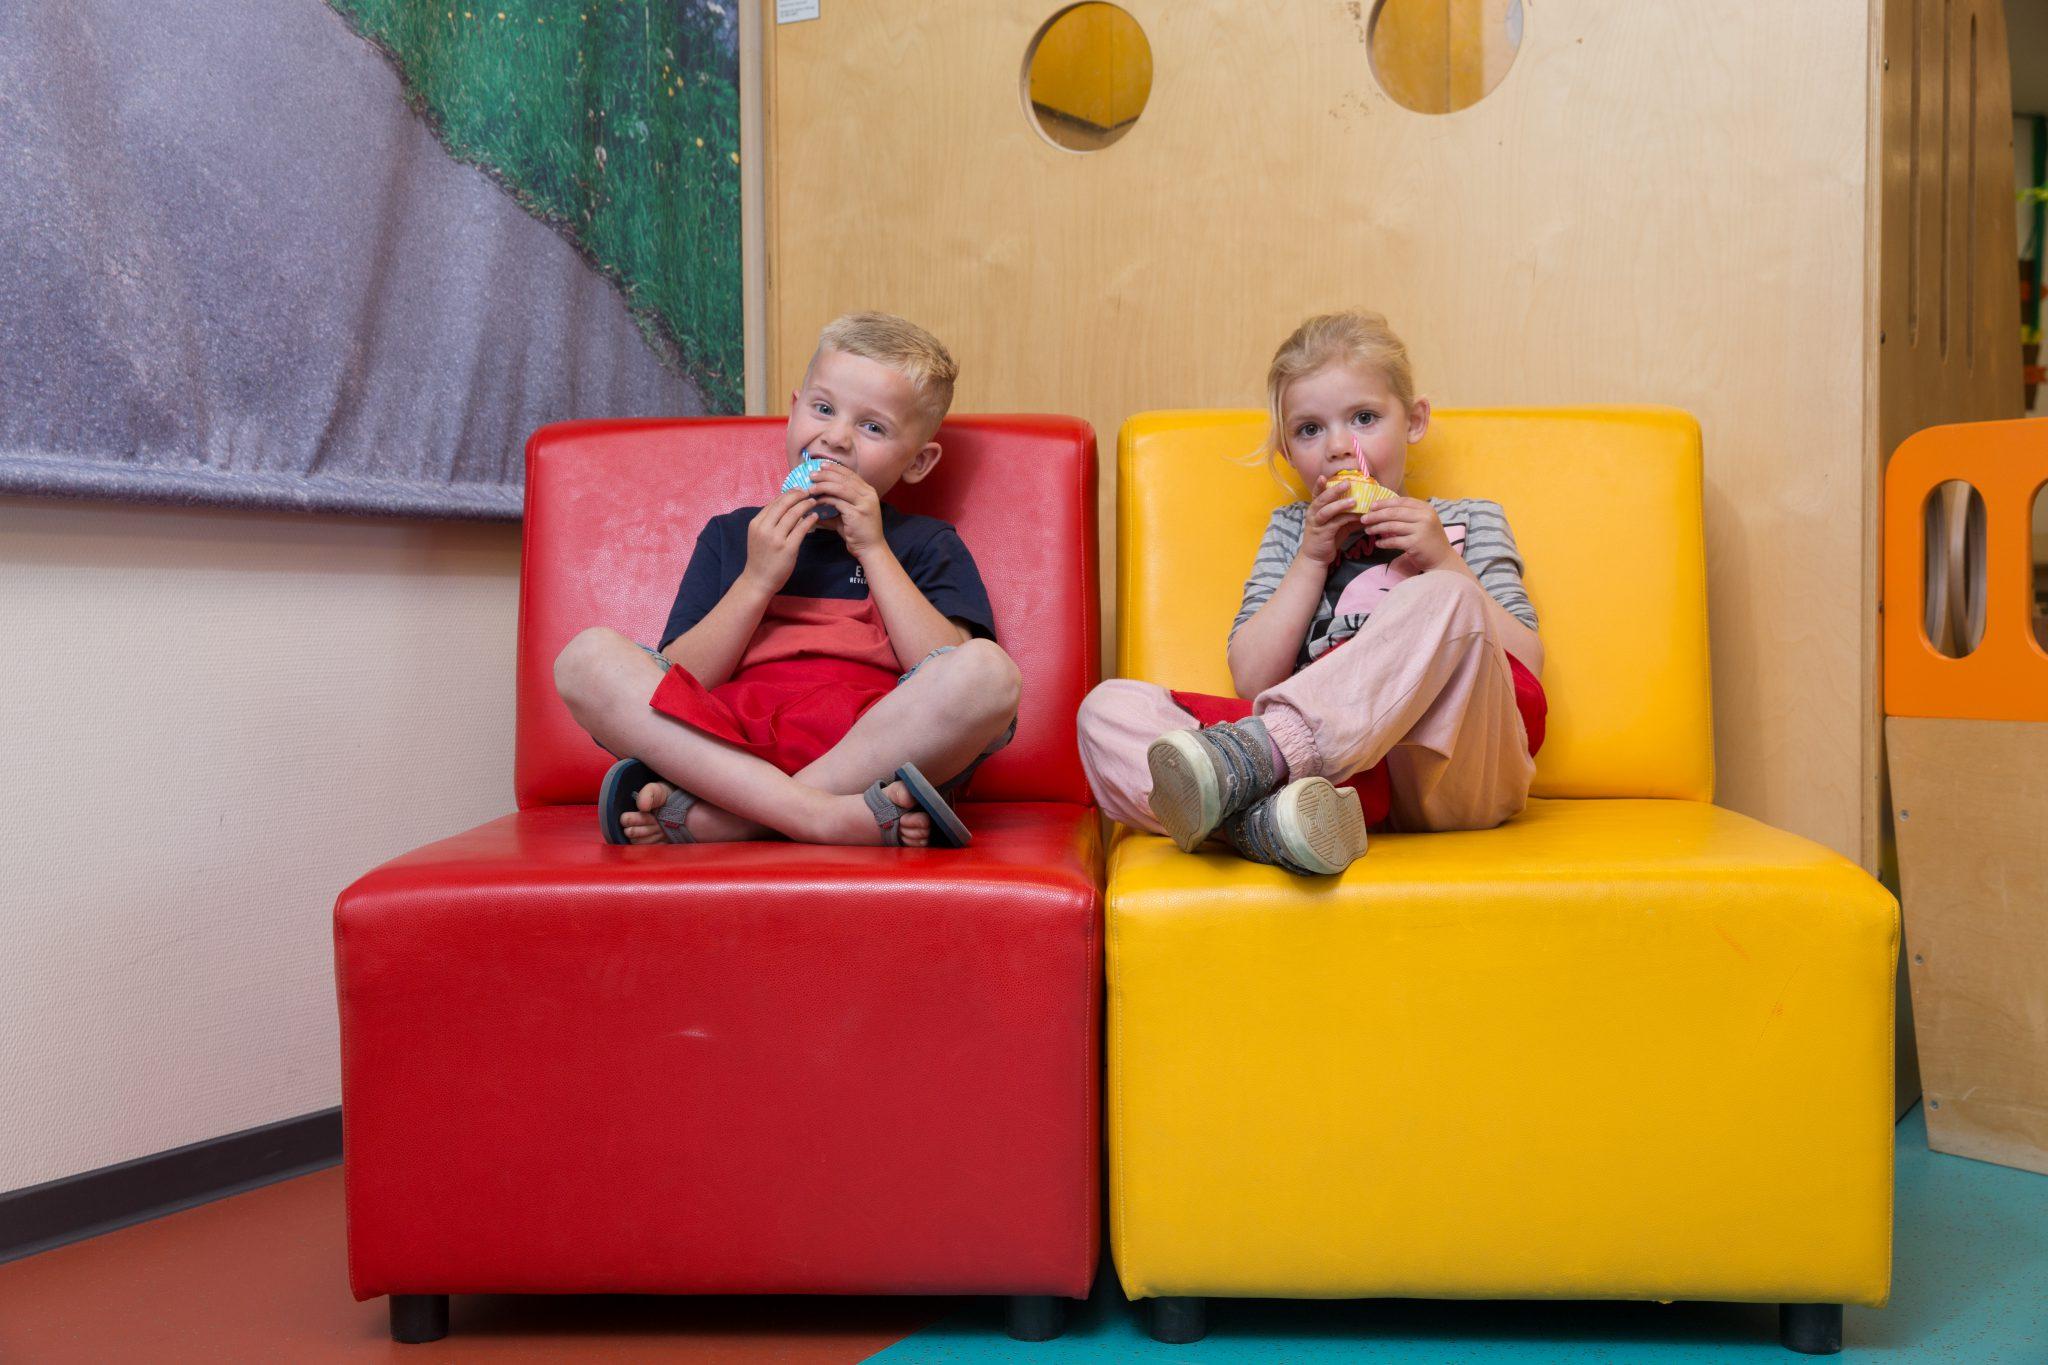 kinderen met cakeje op bank